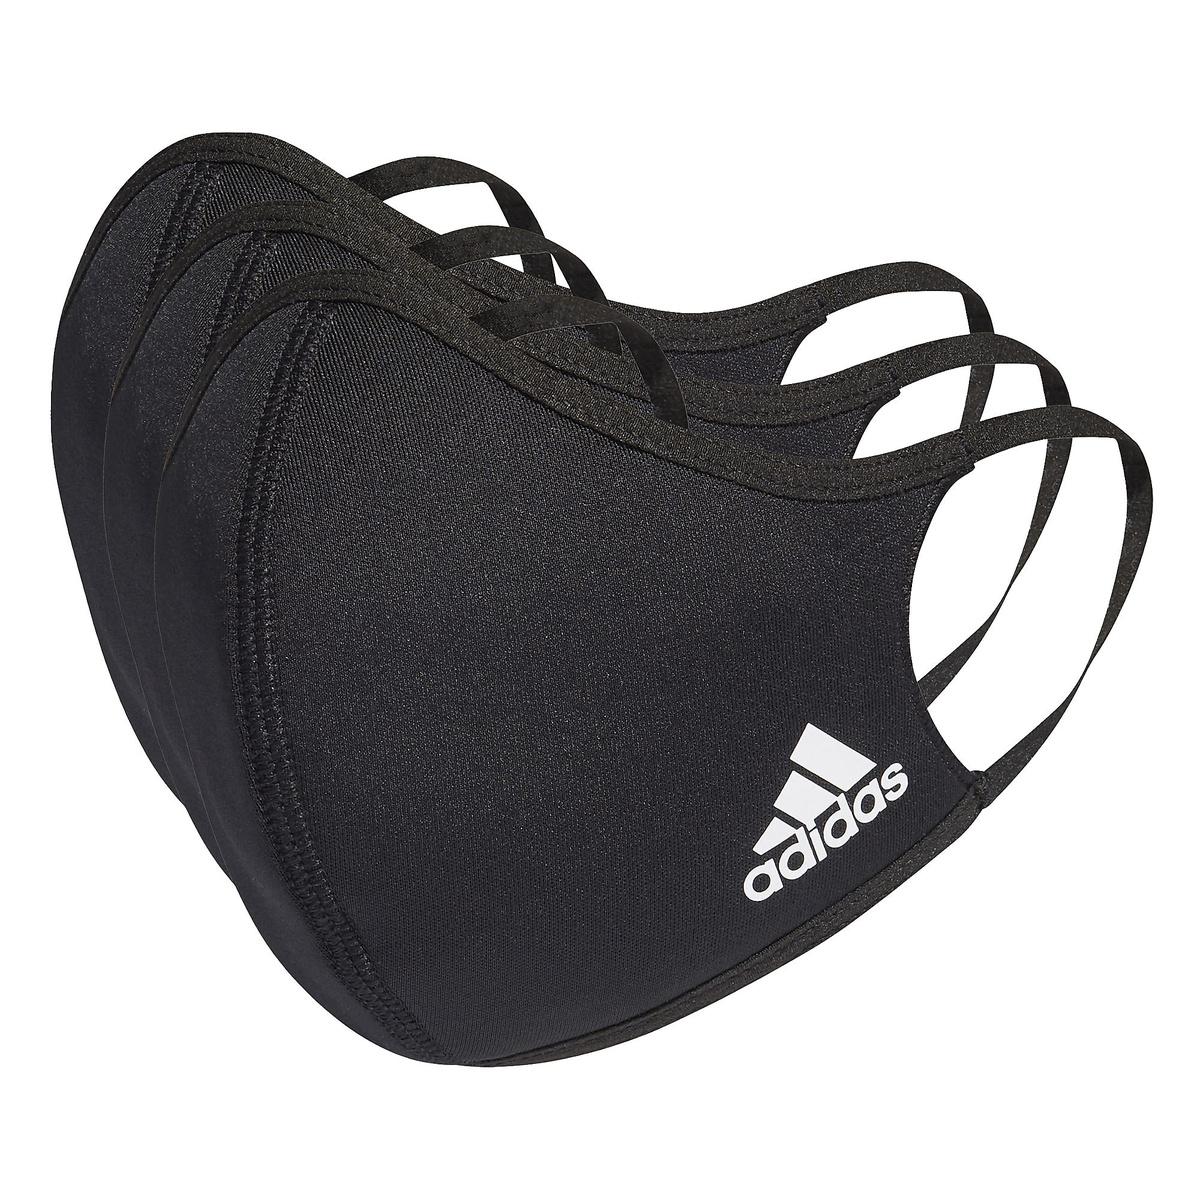 アディダス スポーツアクセサリー 雑貨 フェイスカバー 3枚組 M L Face 3-Pack ブラック KOH81 adidas NS 全品送料無料 安全 H08837 Covers